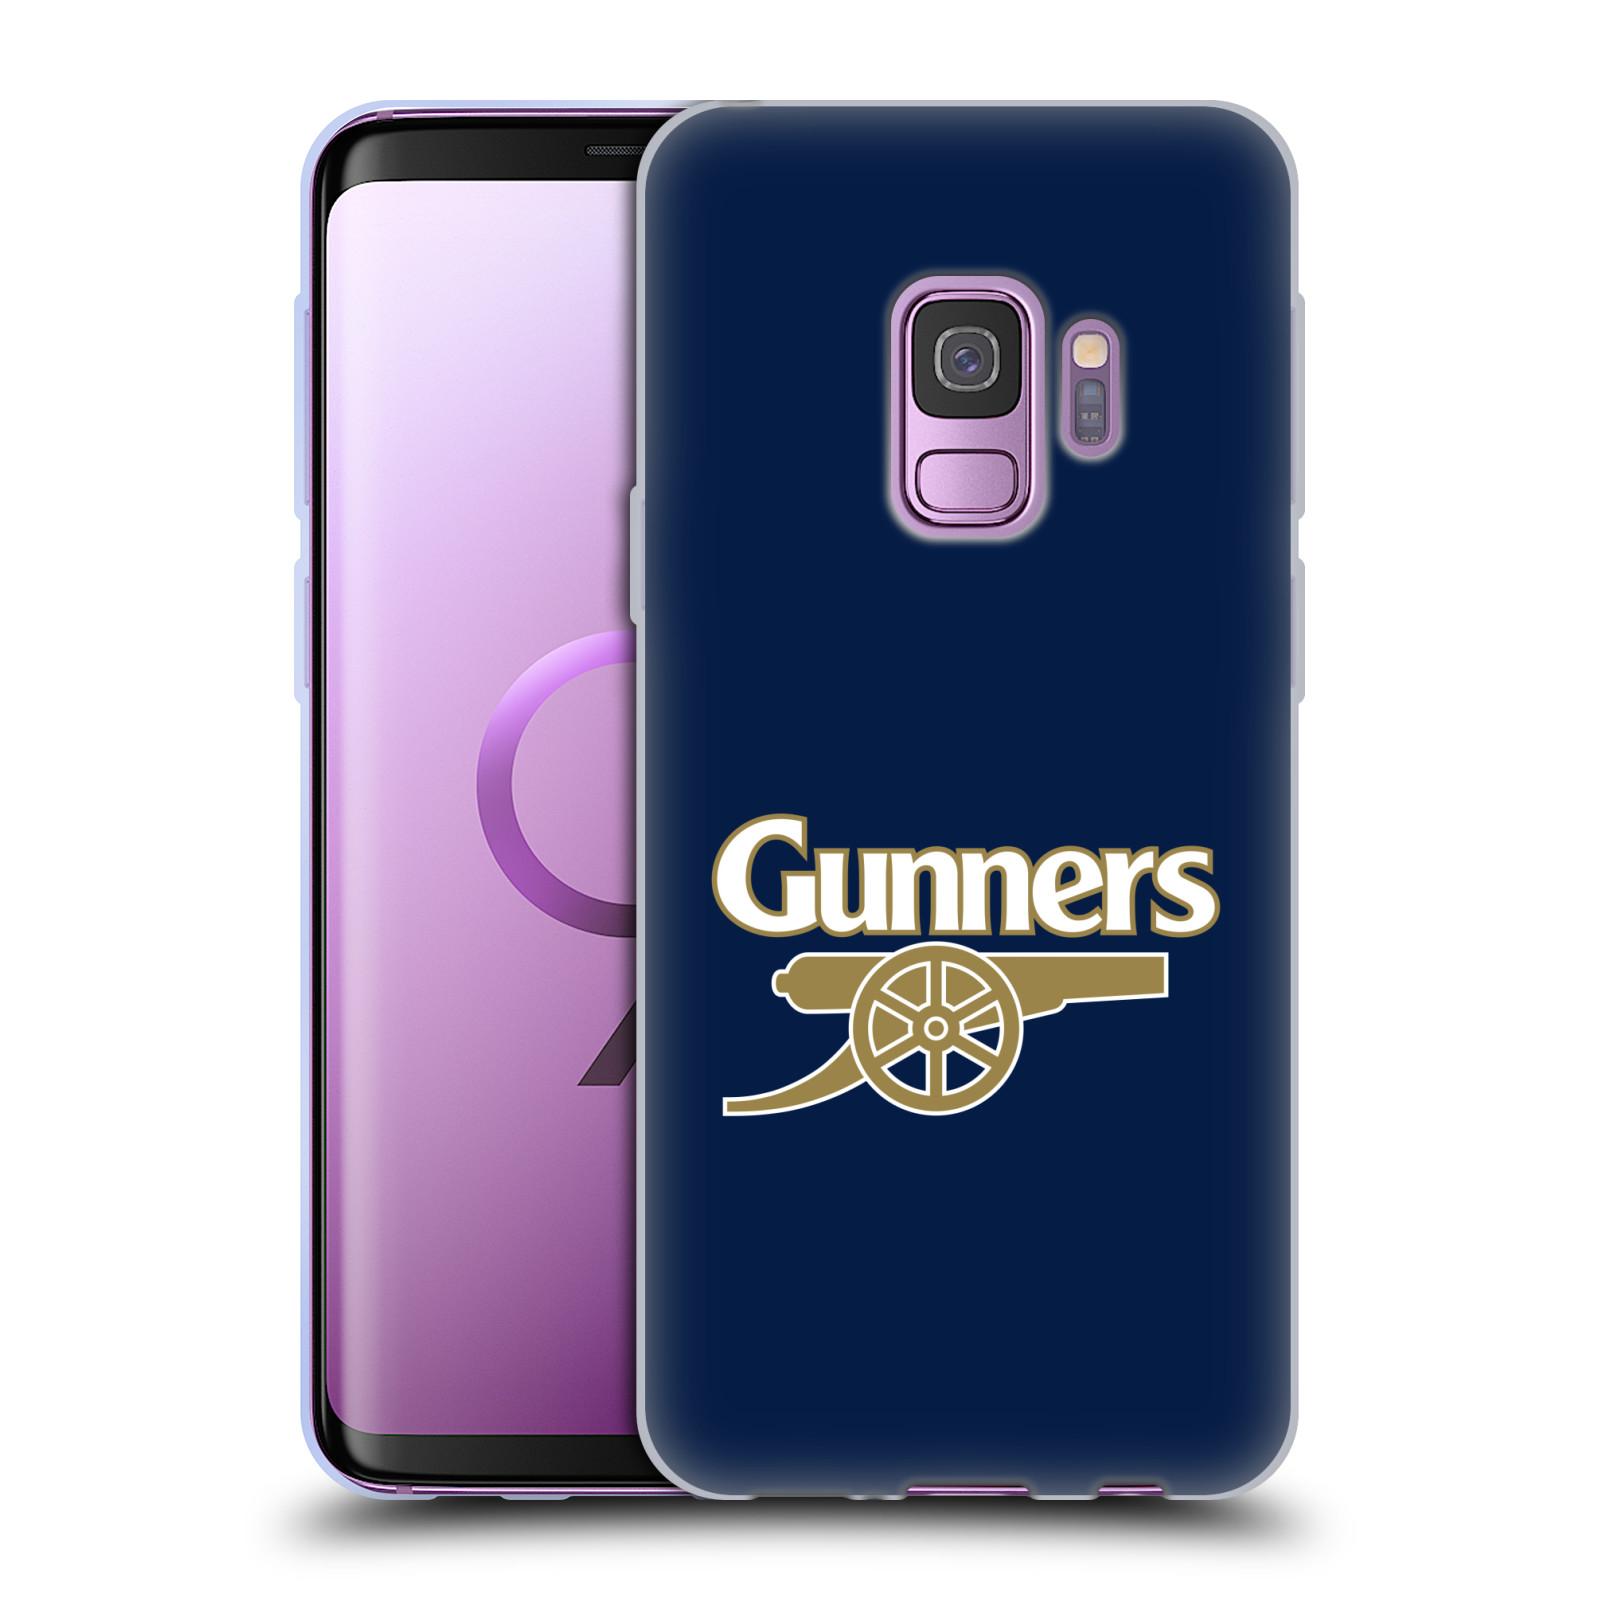 Silikonové pouzdro na mobil Samsung Galaxy S9 - Head Case - Arsenal FC - Gunners